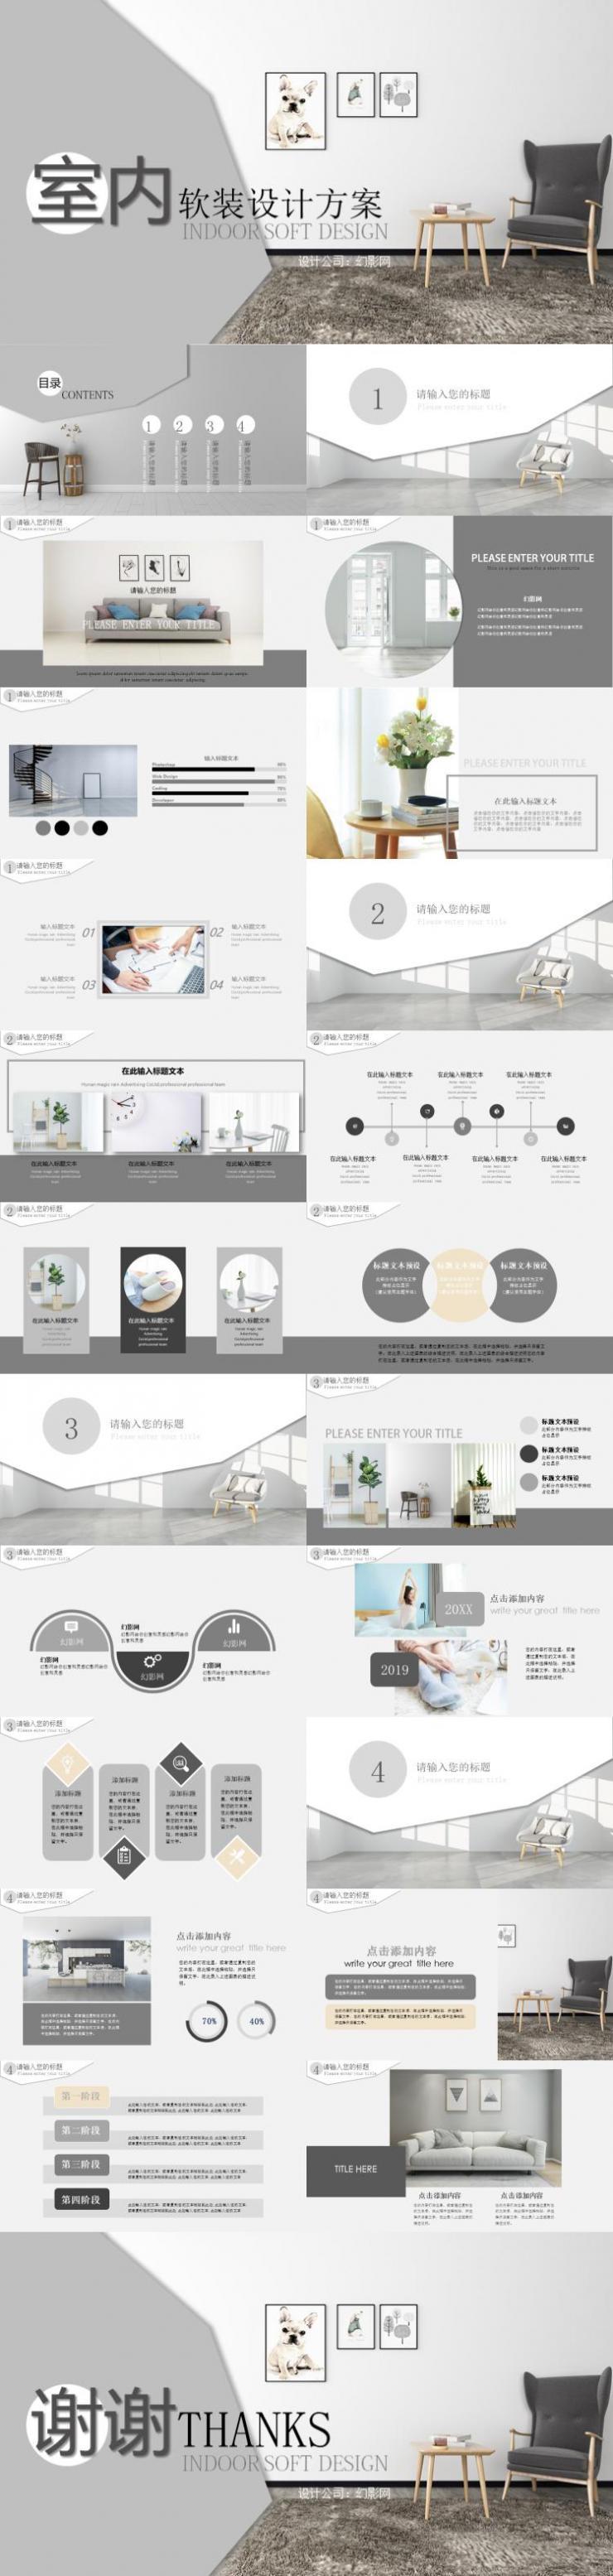 室内软装设计PPT模板下载